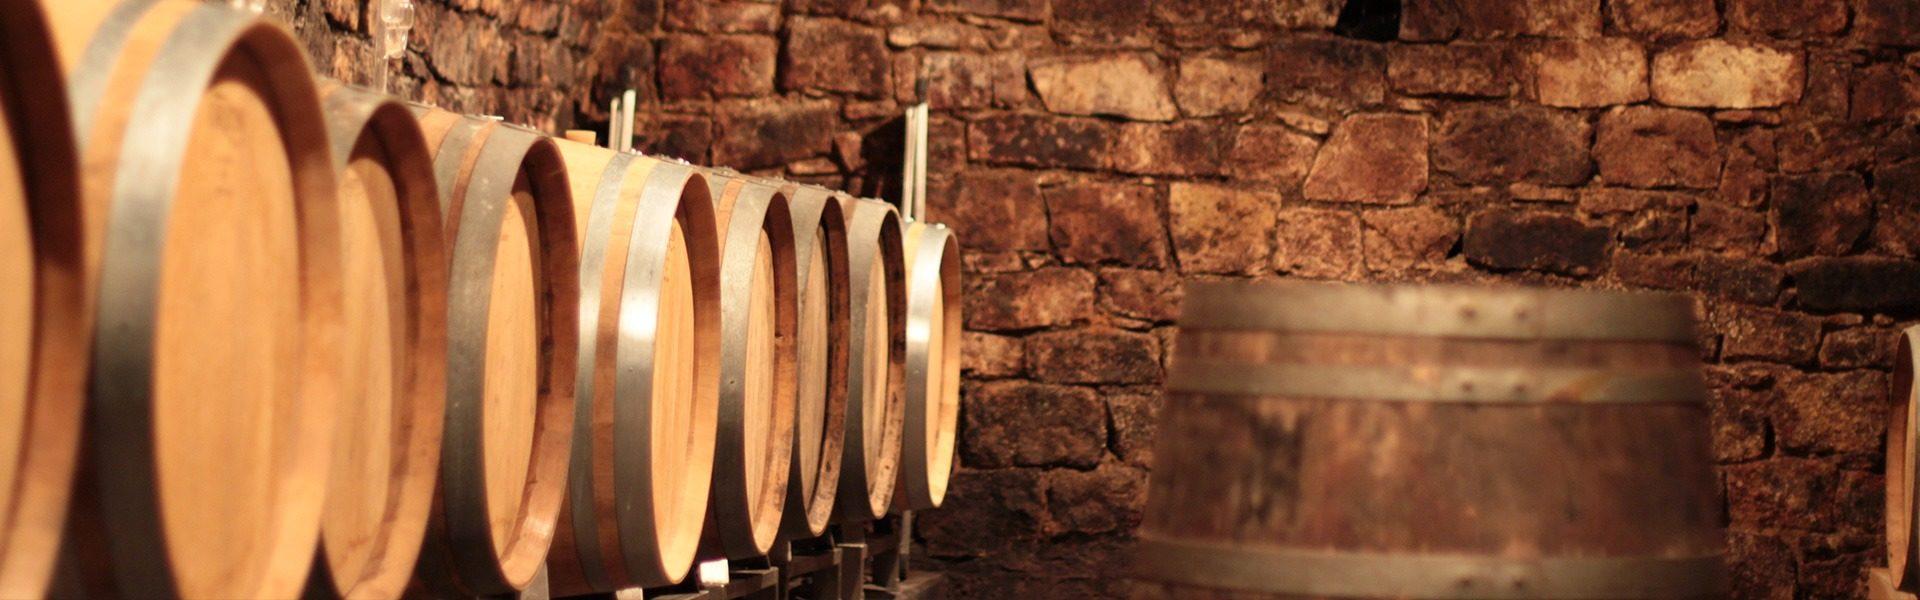 Weinkeller Beleuchtung Bild Referenz